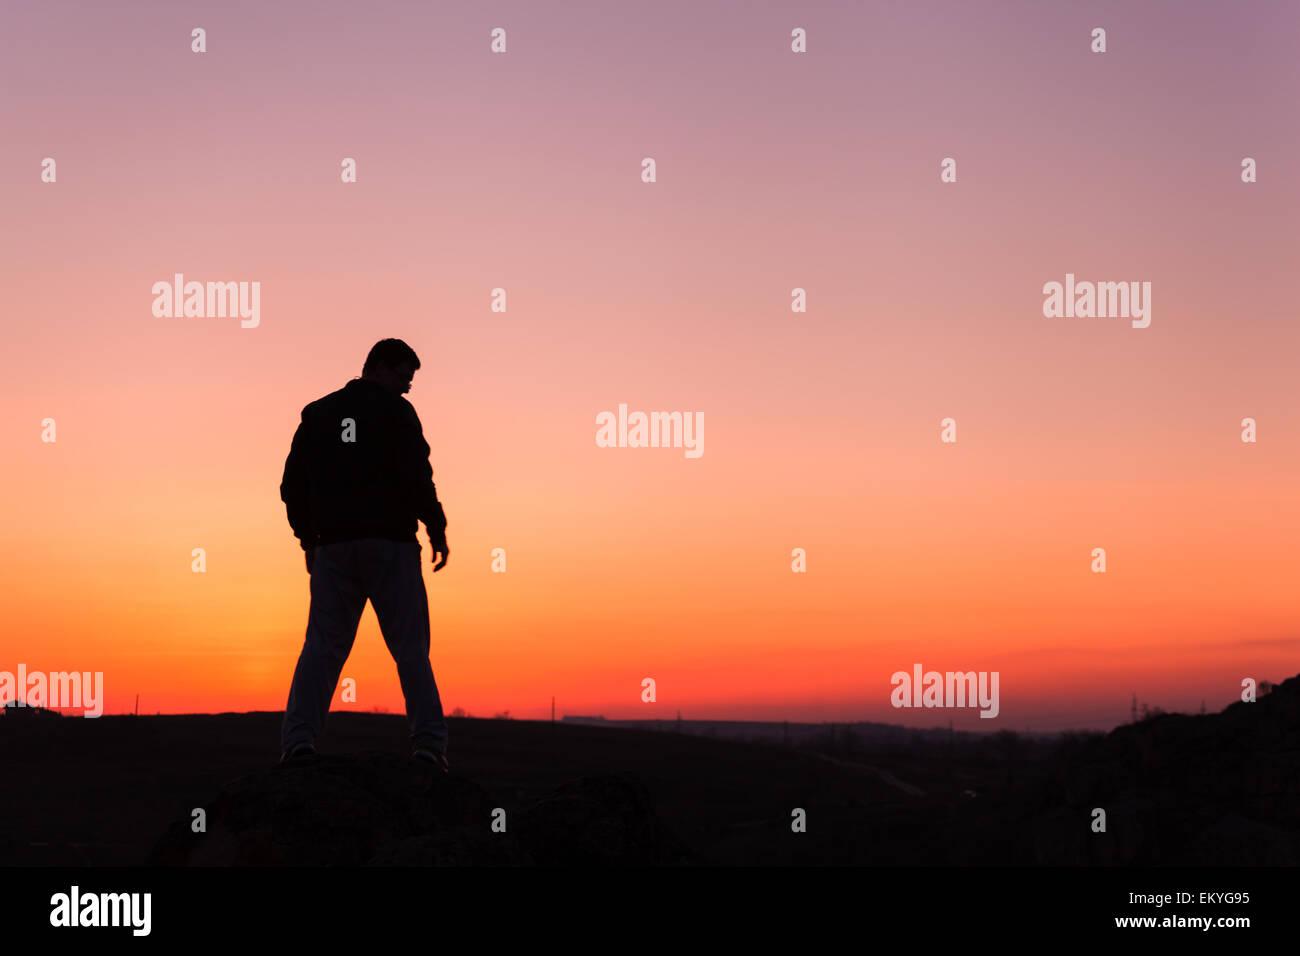 Silhouette of man et ciel magnifique. Élément de design. Coucher du soleil d'été. Contexte Photo Stock